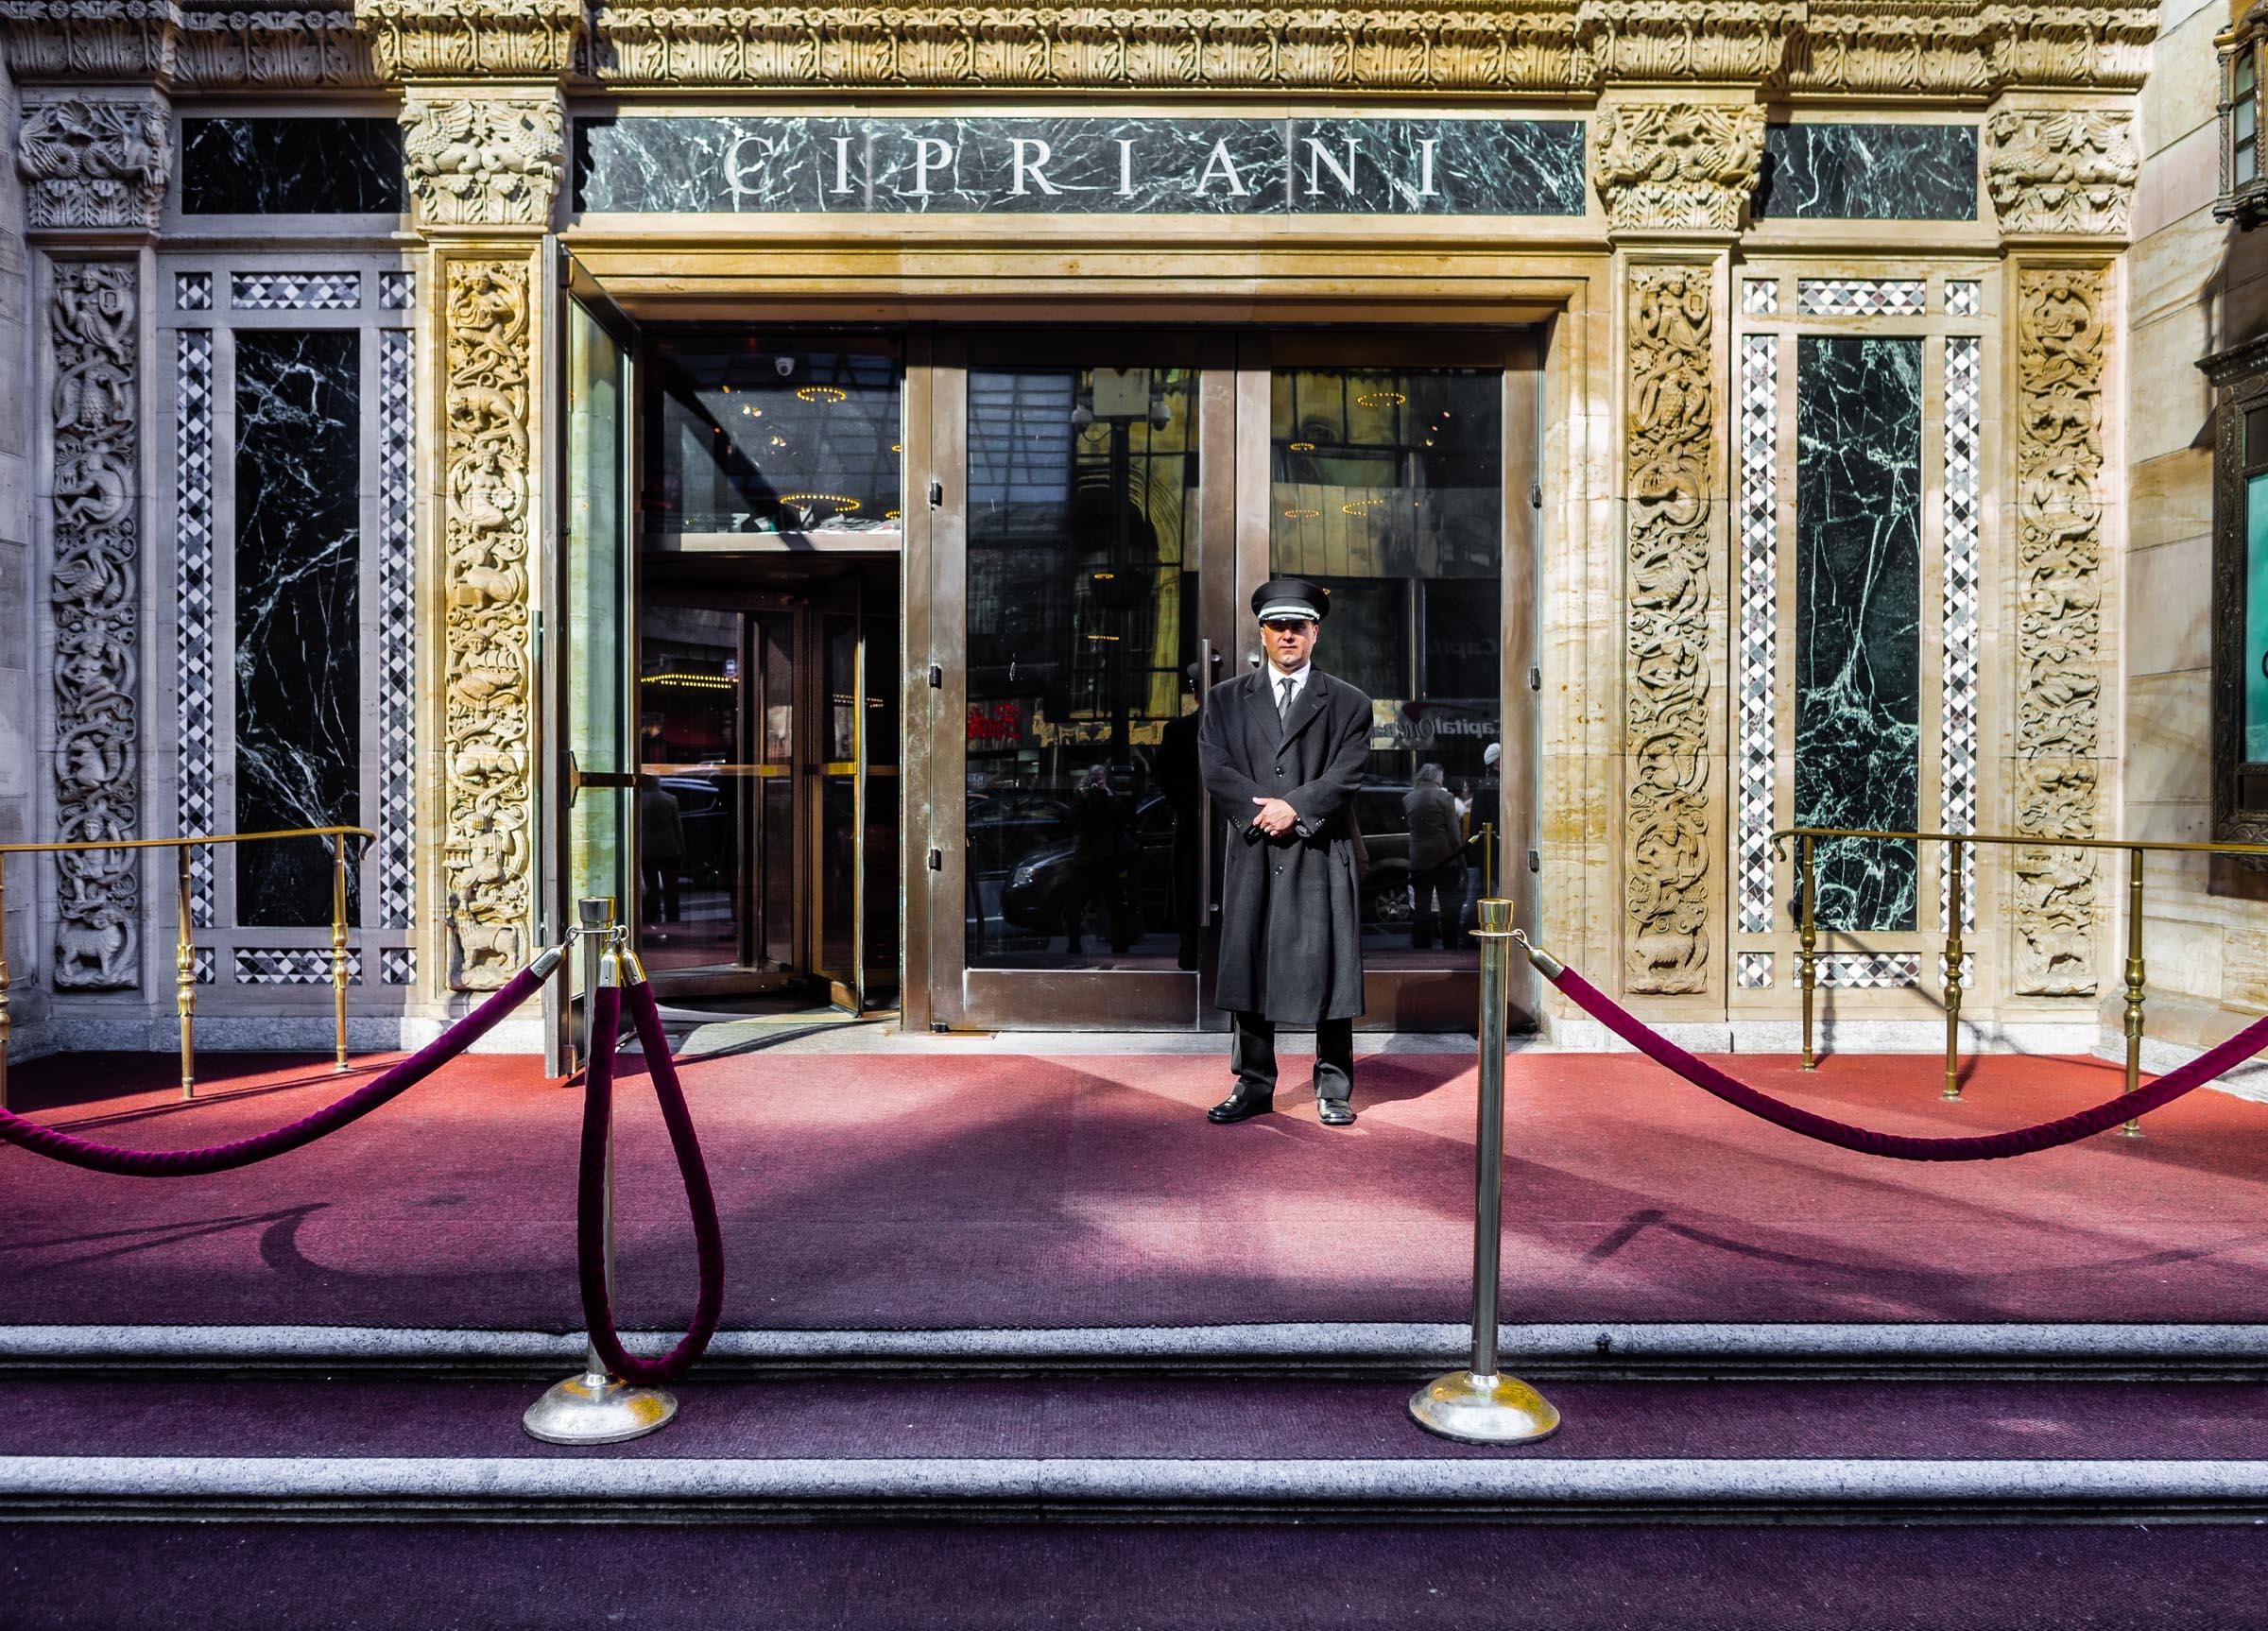 Cipriani, 5th Avenue, NYC, 2018